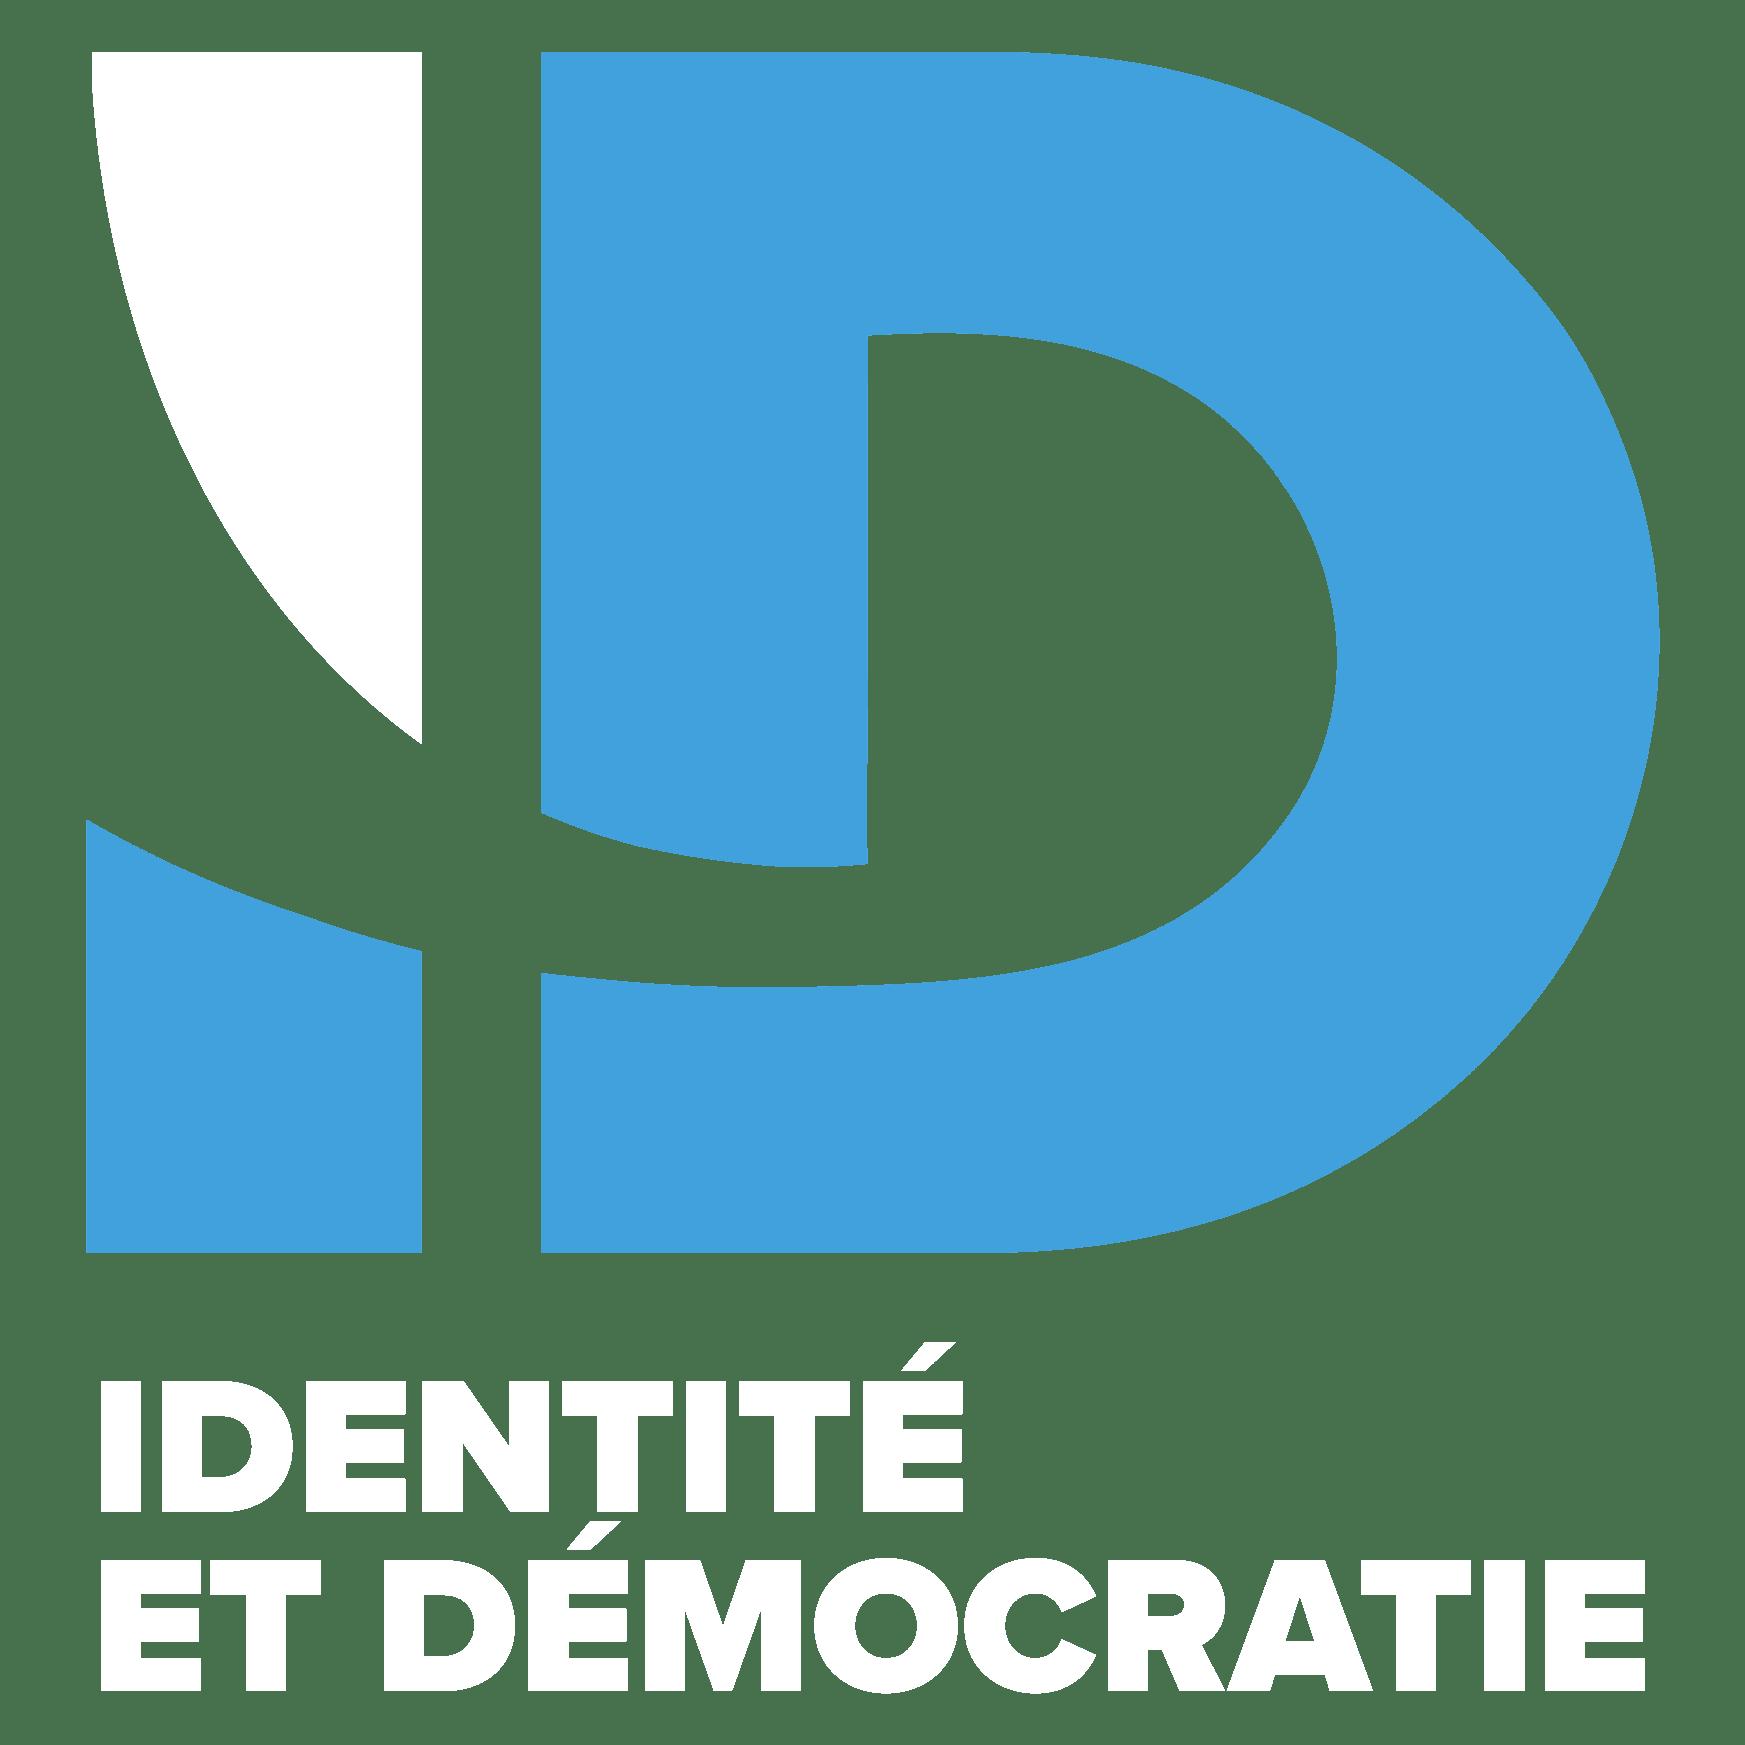 Groupe Identité et démocratie au Parlement européen